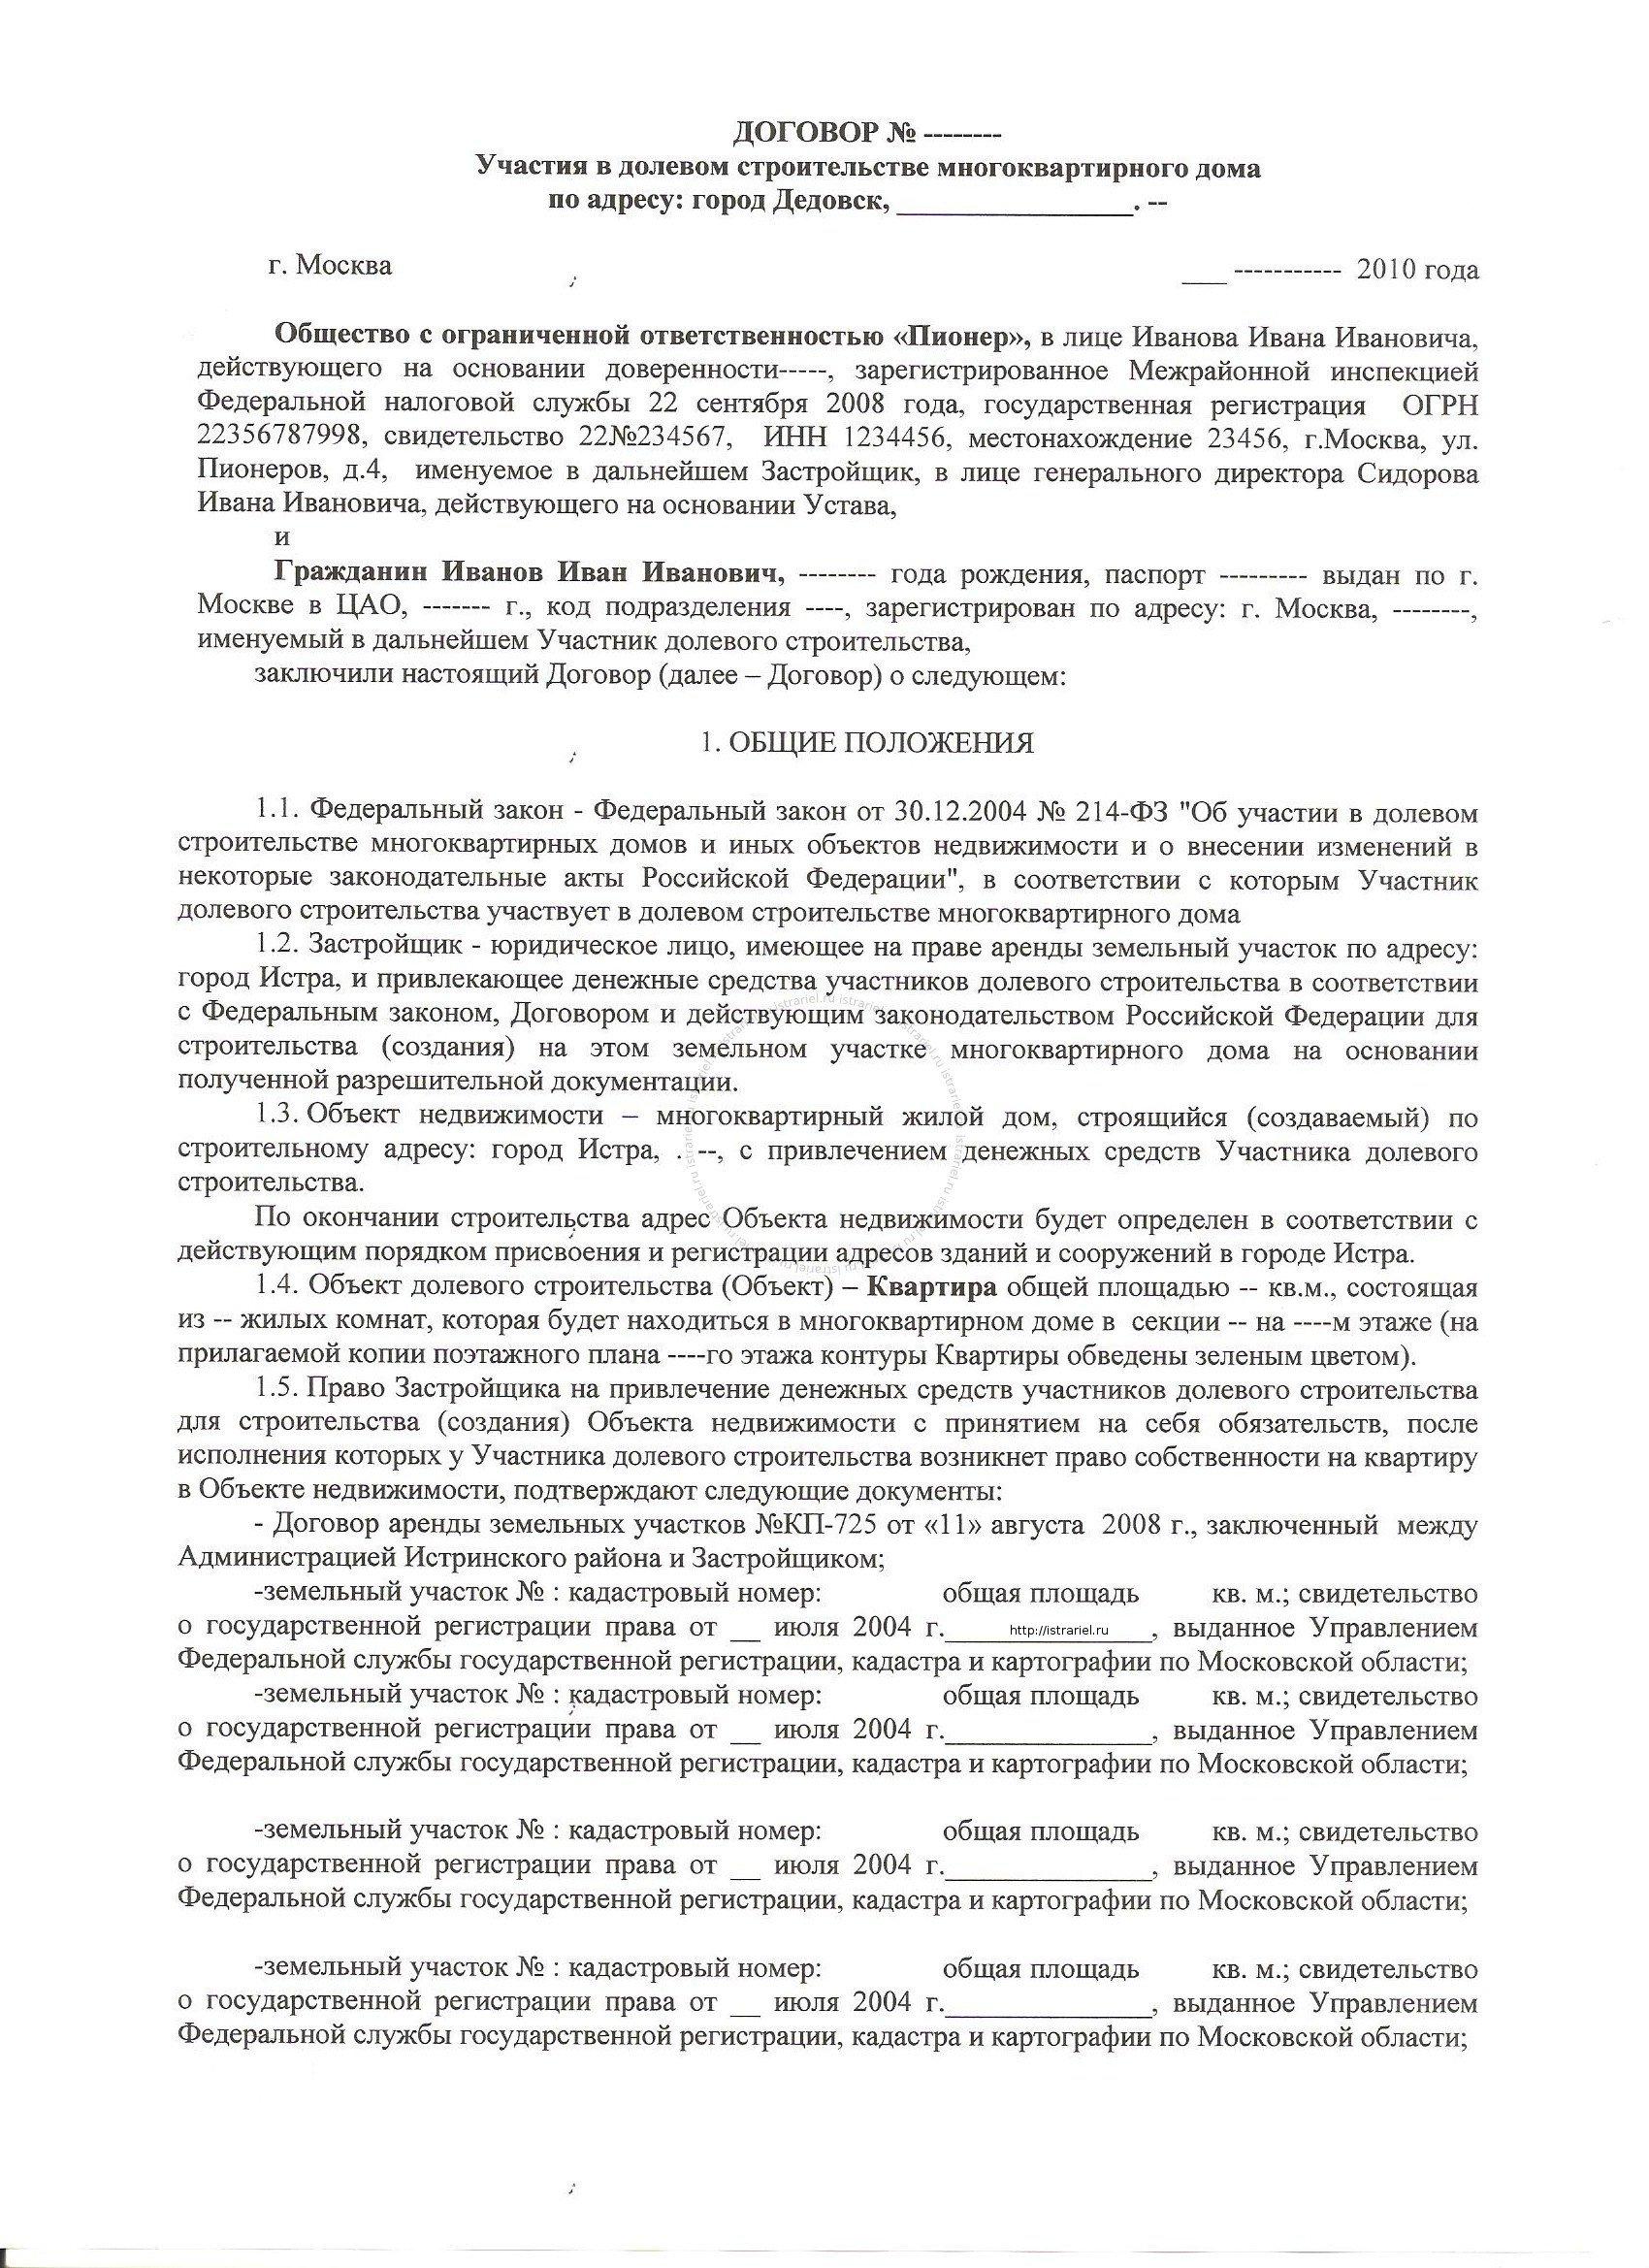 Оценка права требования по договору долевого участия ясно